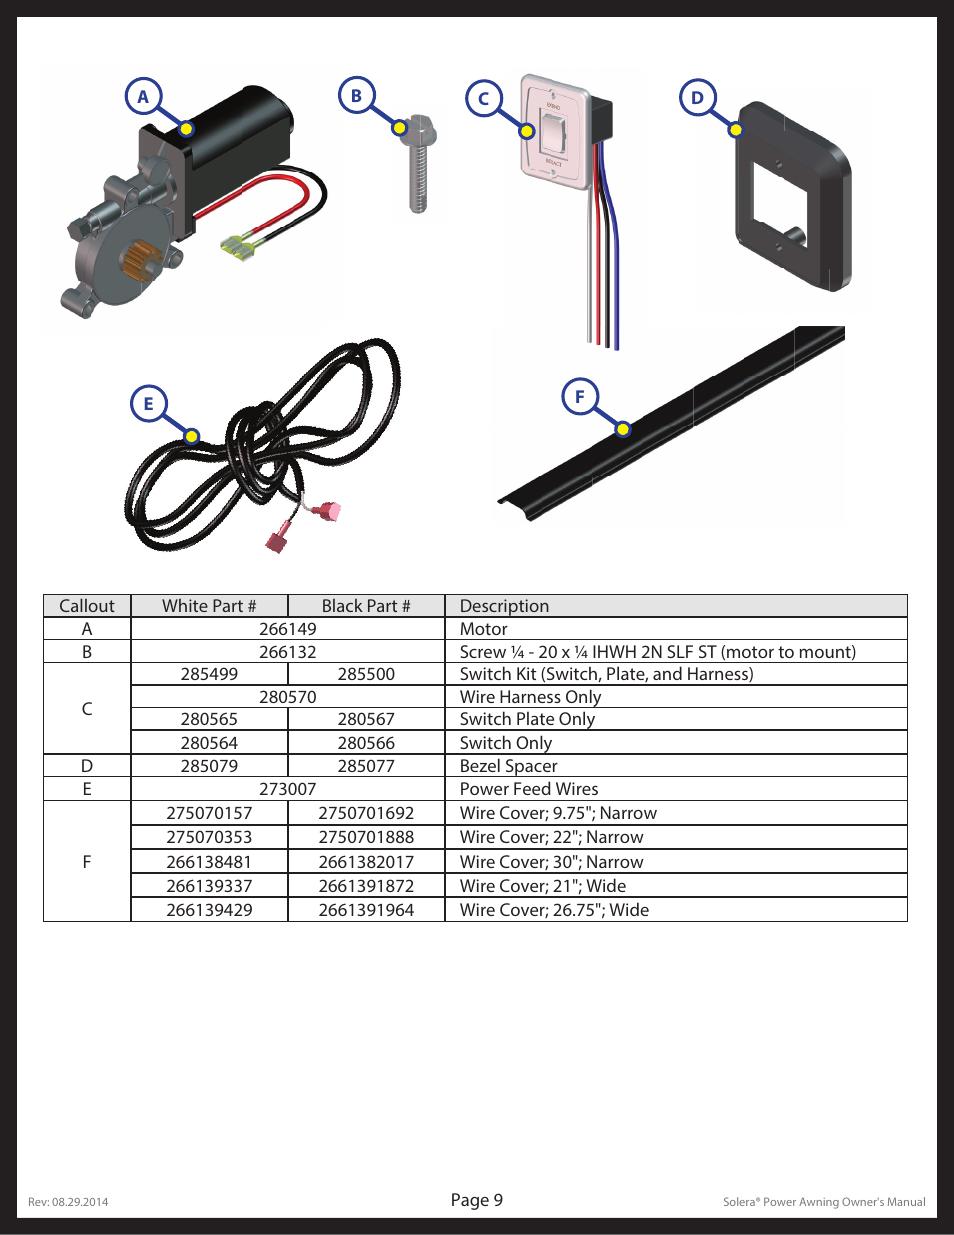 lippert components solera user manual